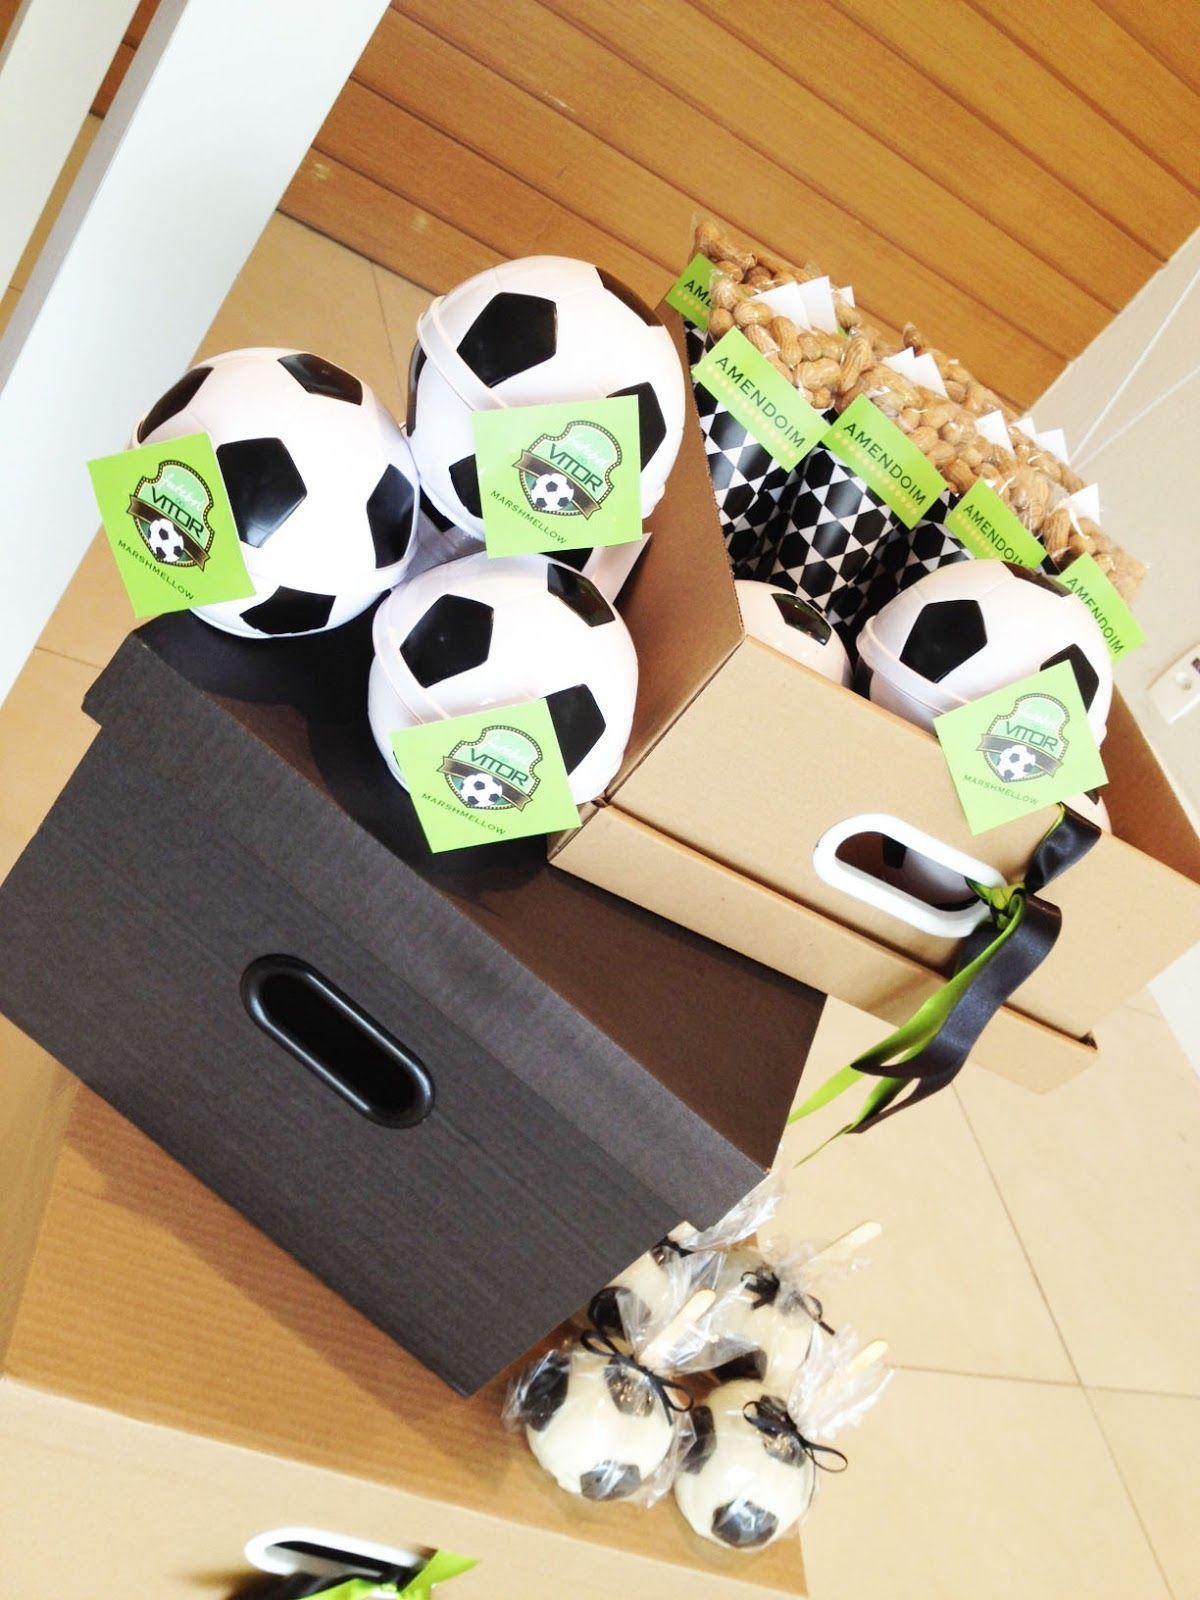 c8148f5a2e Lembrancinha para festas com o tema futebol.